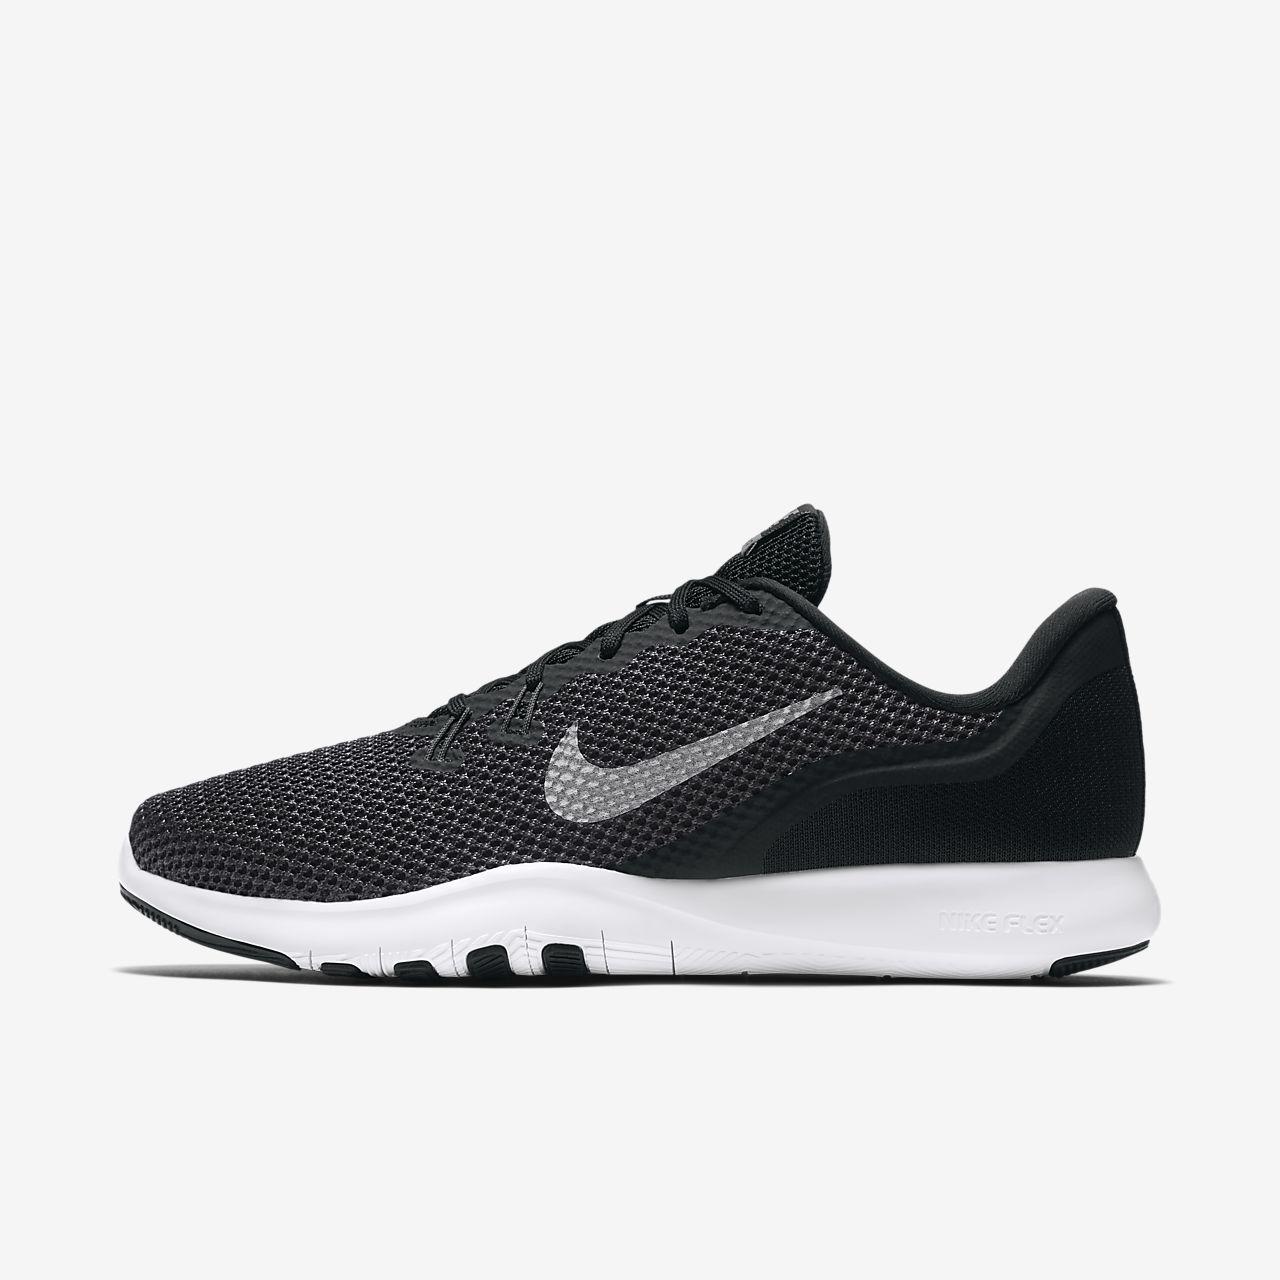 Zapatilla W Flex Trainer 7 Gris Oscuro Nike eMChq